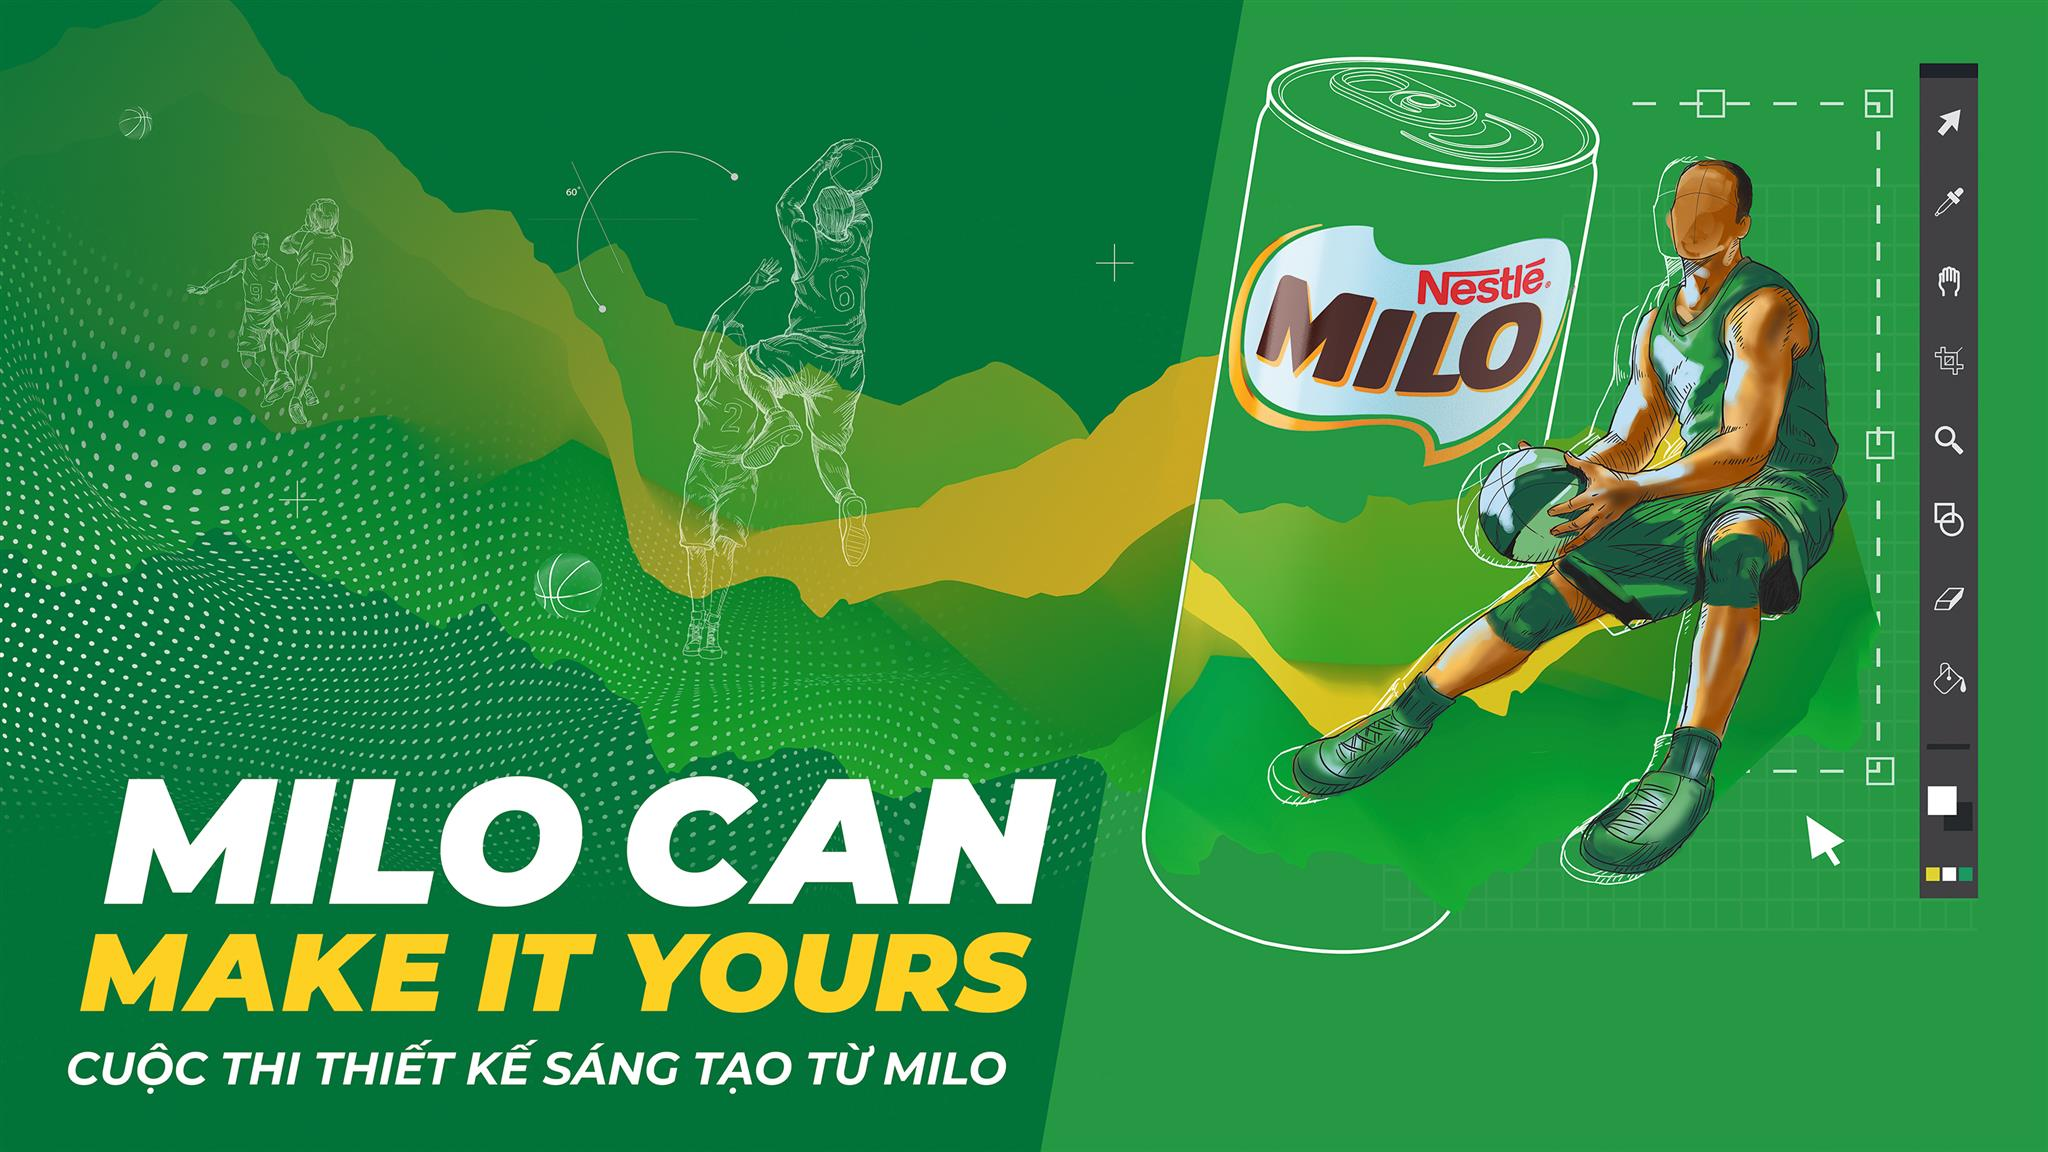 """Top 12 cuộc thi """"Milo Can Make It Yours"""" đã lộ diện: Toàn những gương mặt cá tính, tài cao! - Ảnh 1."""